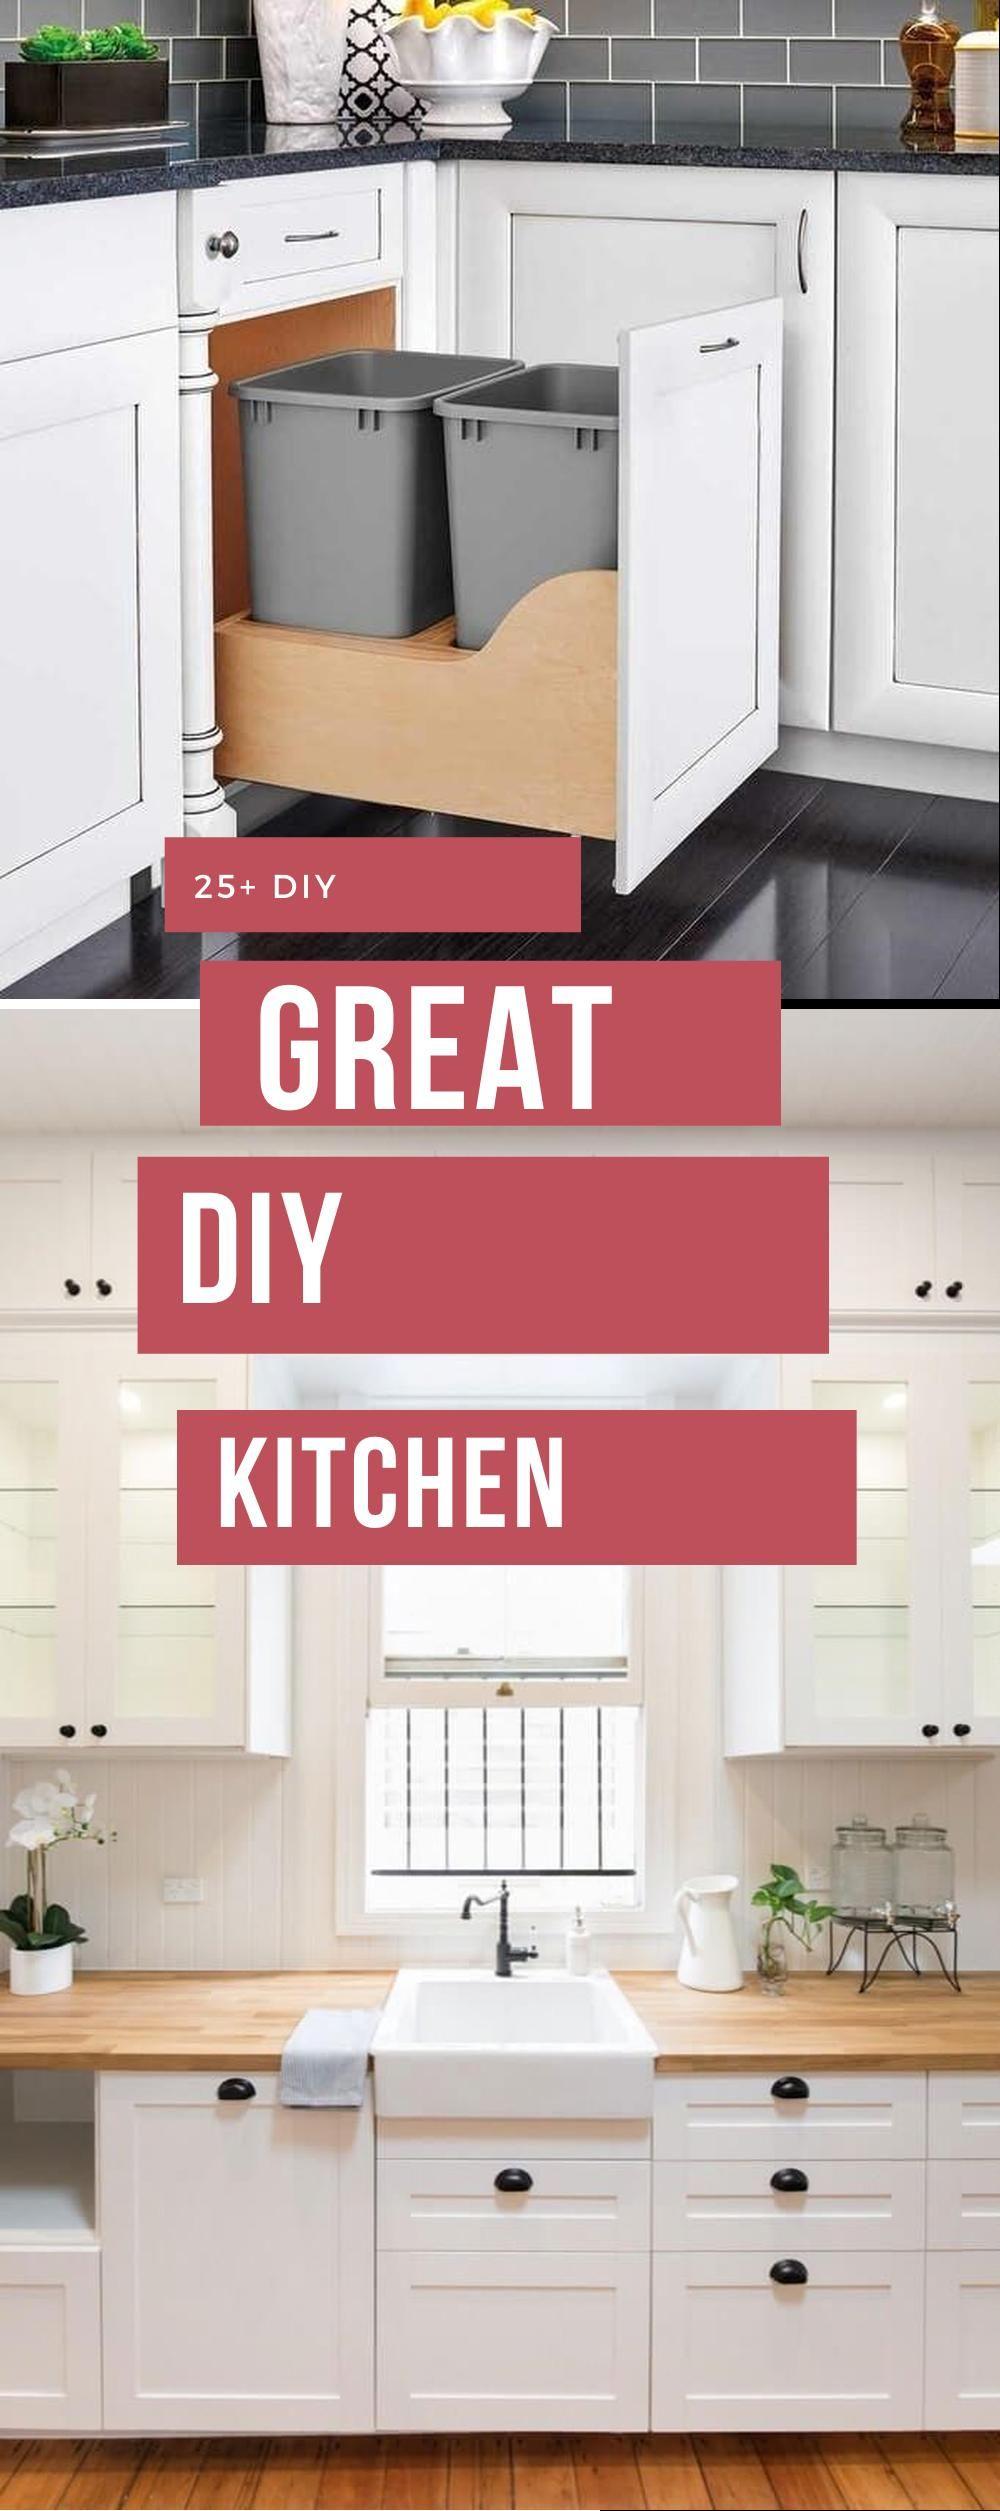 Diy Kitchen Decoration Ideas In 2021 Kitchen Design Diy Diy Kitchen Diy Kitchen Decor